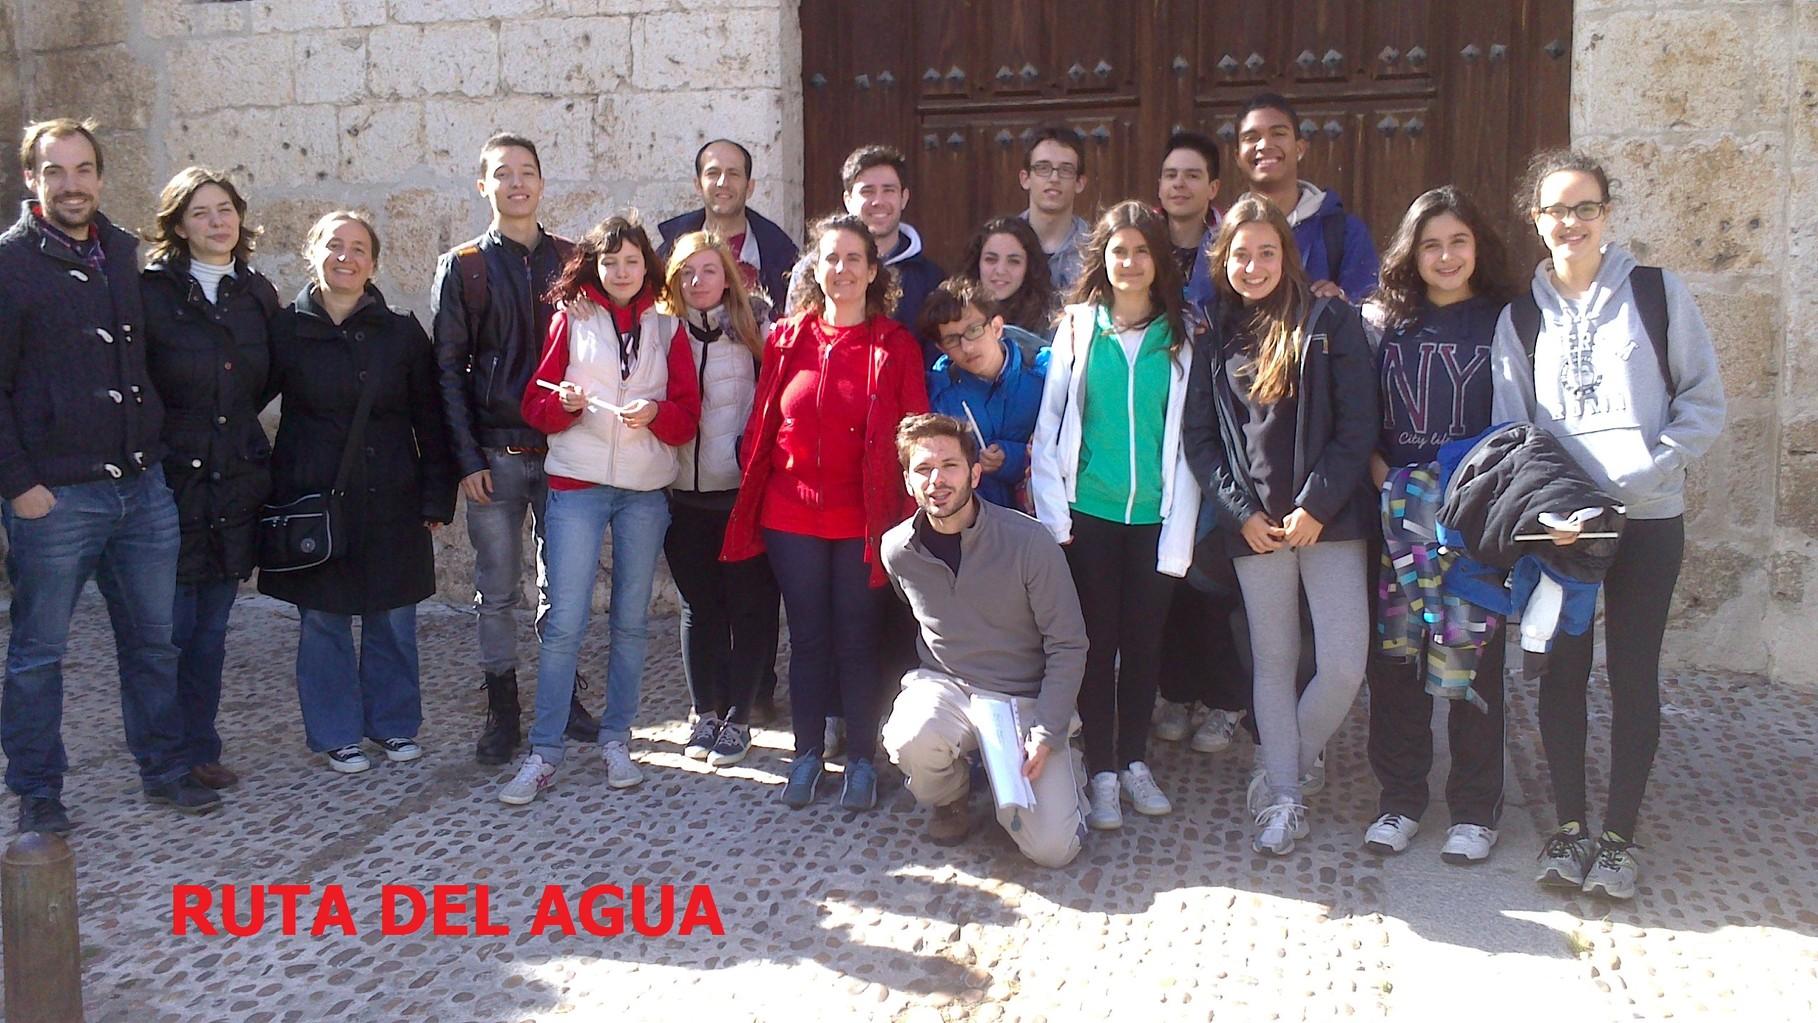 Ruta del Agua: salida de los jóvenes de la parroquia a San Miguel del Pino y Tordesillas